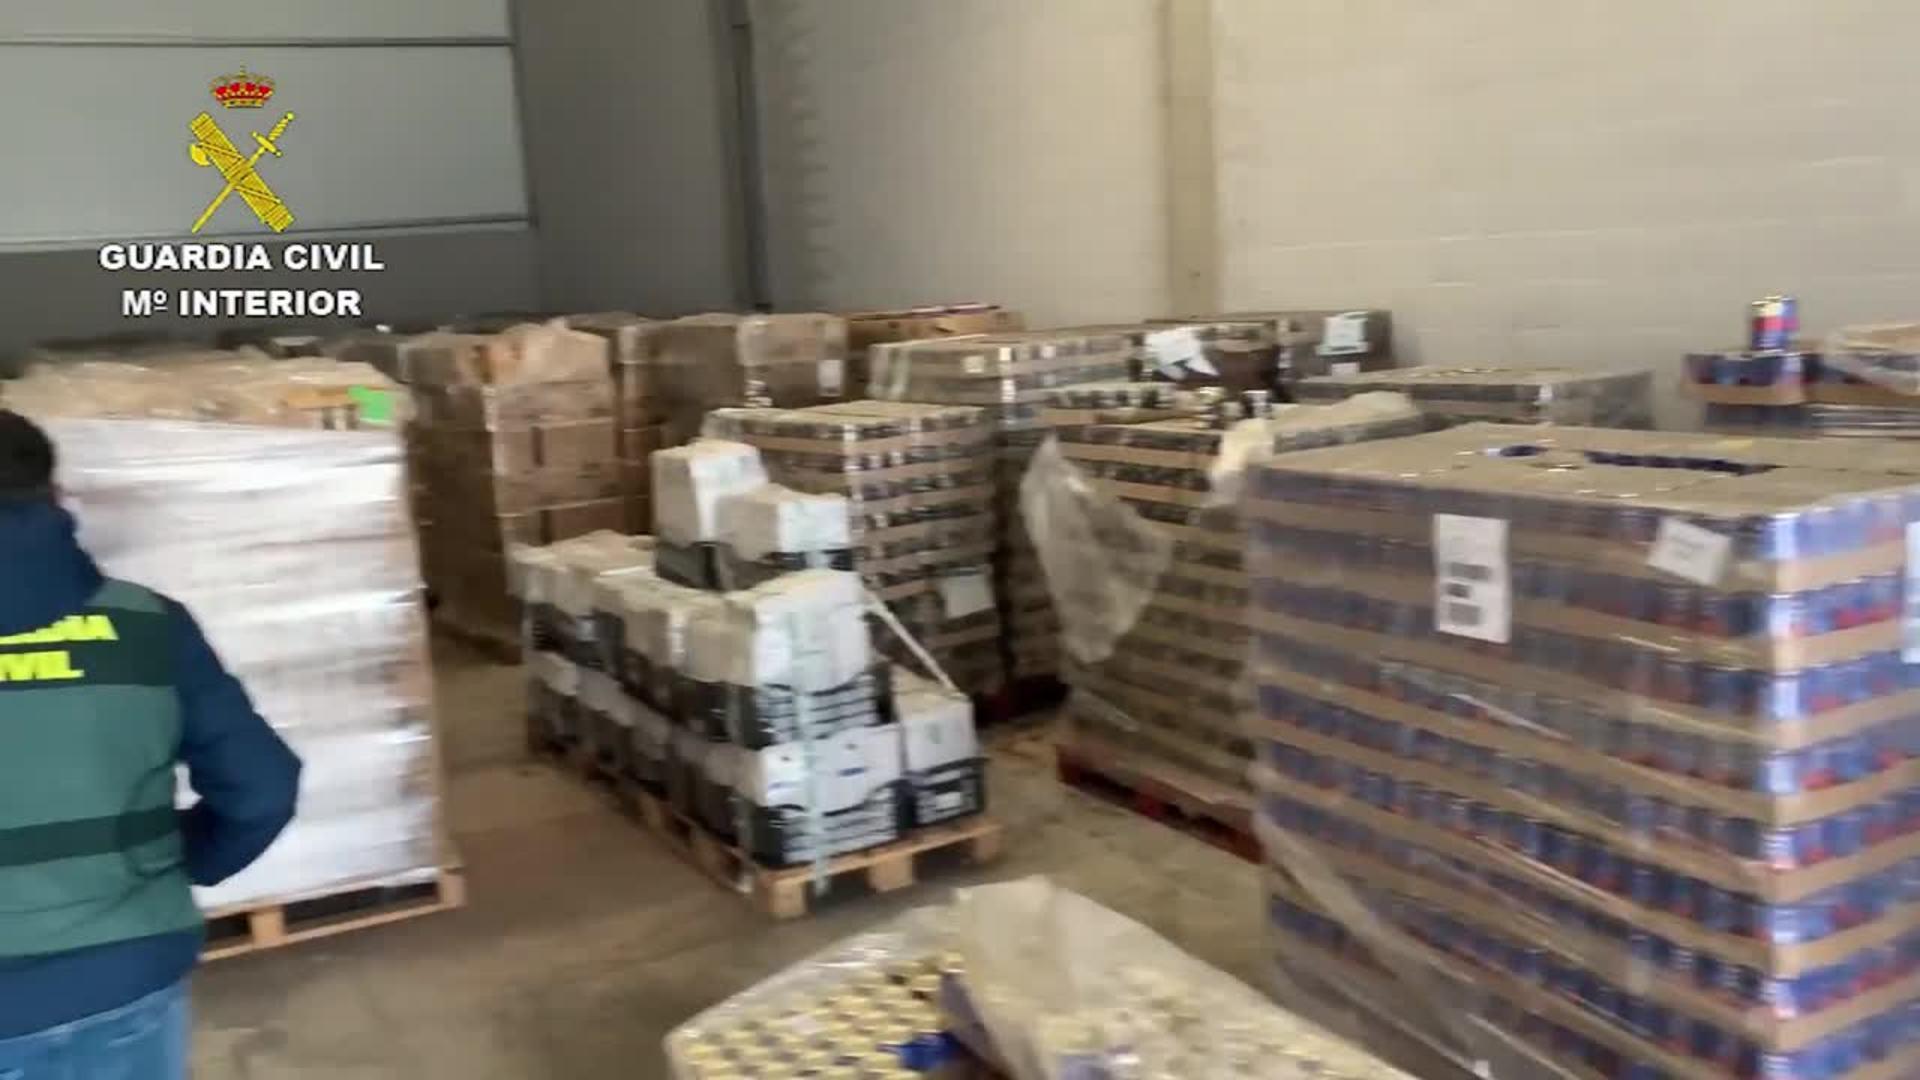 Intervenidas más de 176 toneladas de alimentos por incumplir la normativa sanitaria